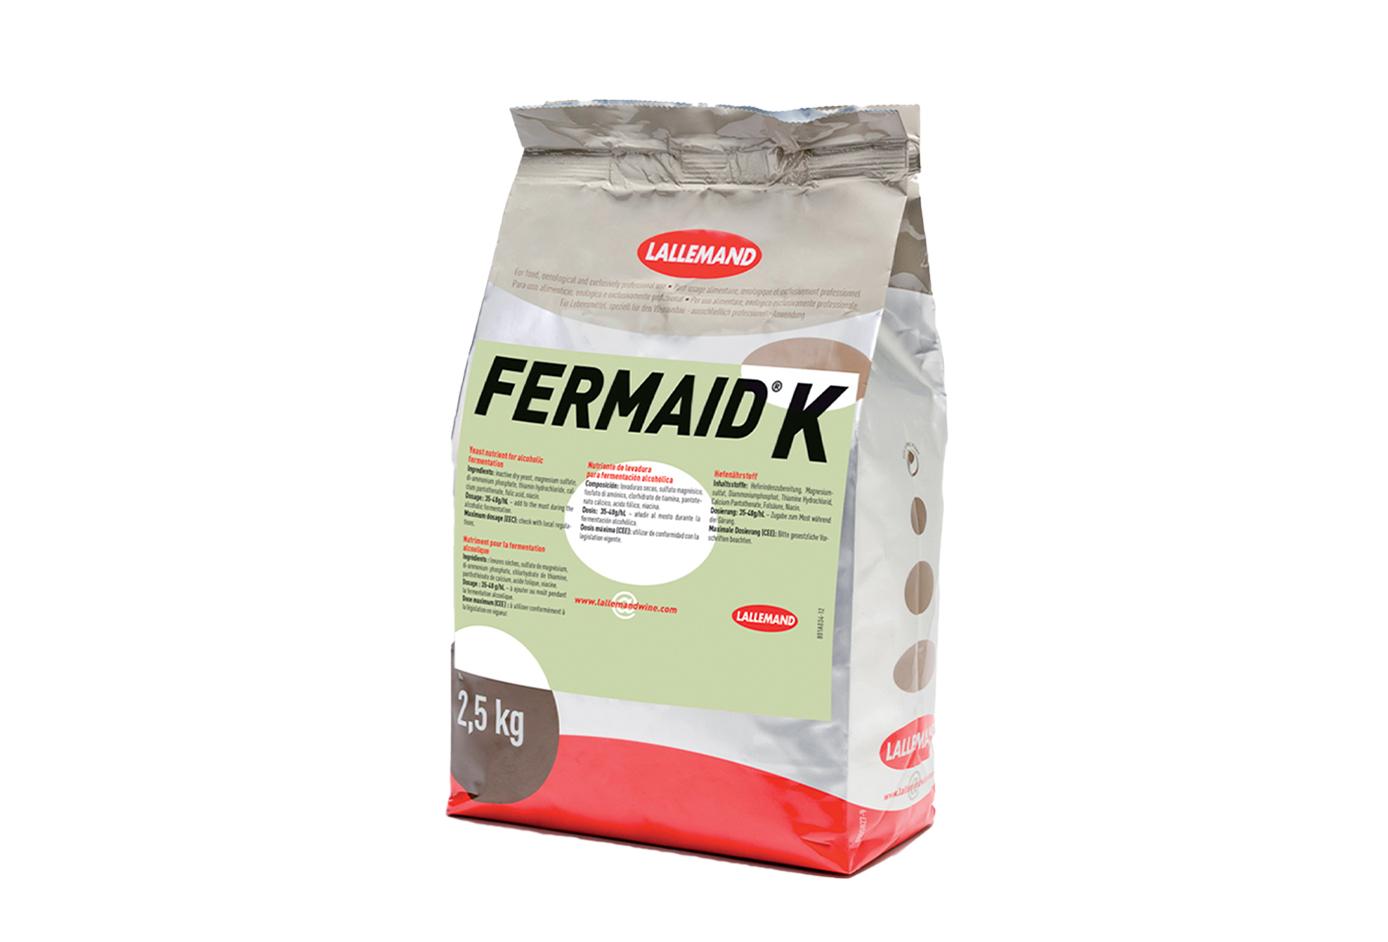 Fermaid-K